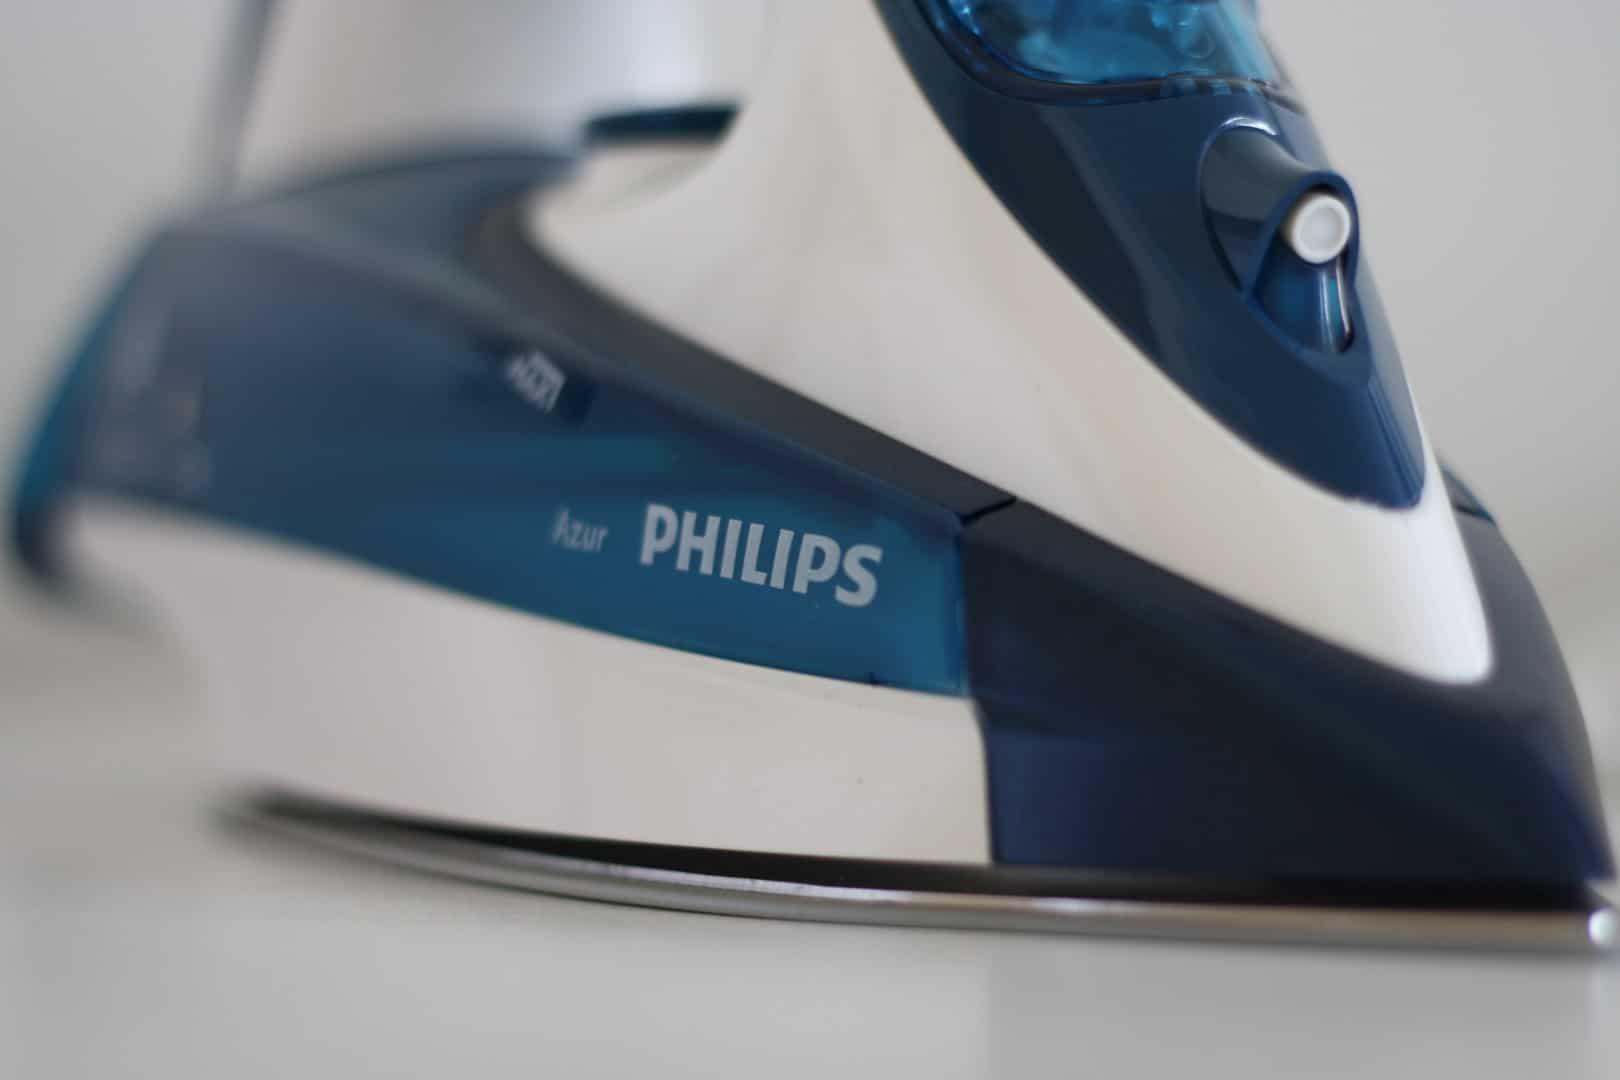 Philips strygejern